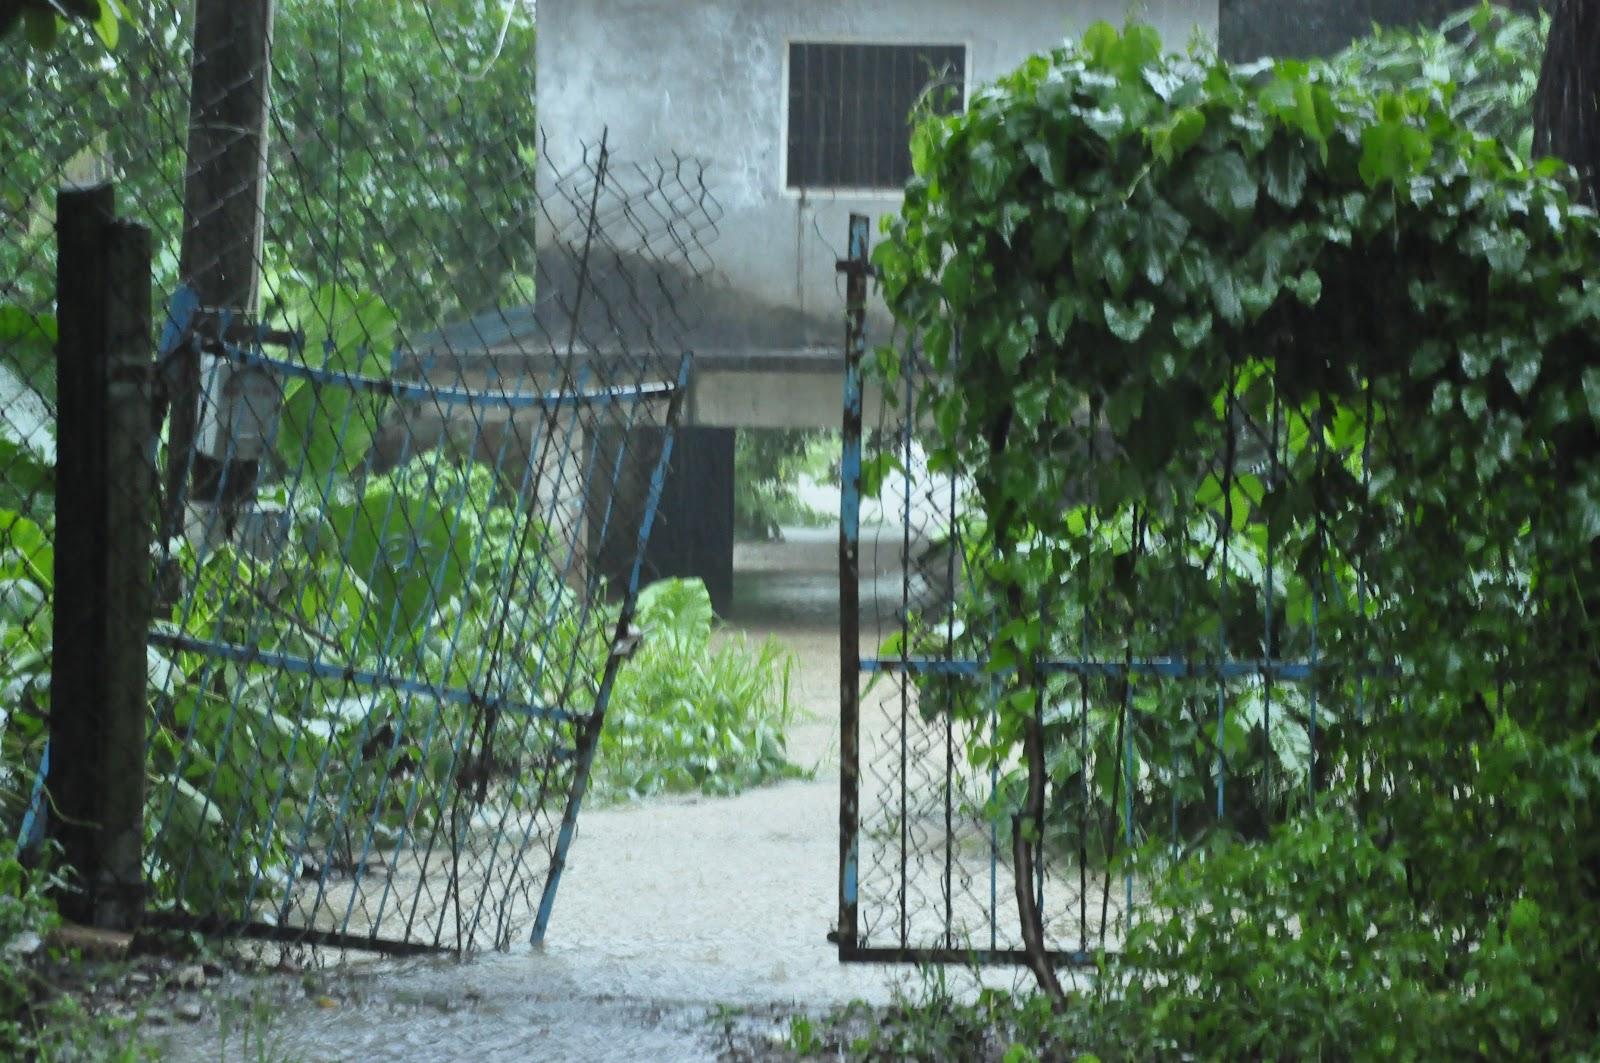 五溝水守護工作站: 611水災-五溝水災情說明 - 野溪滯洪